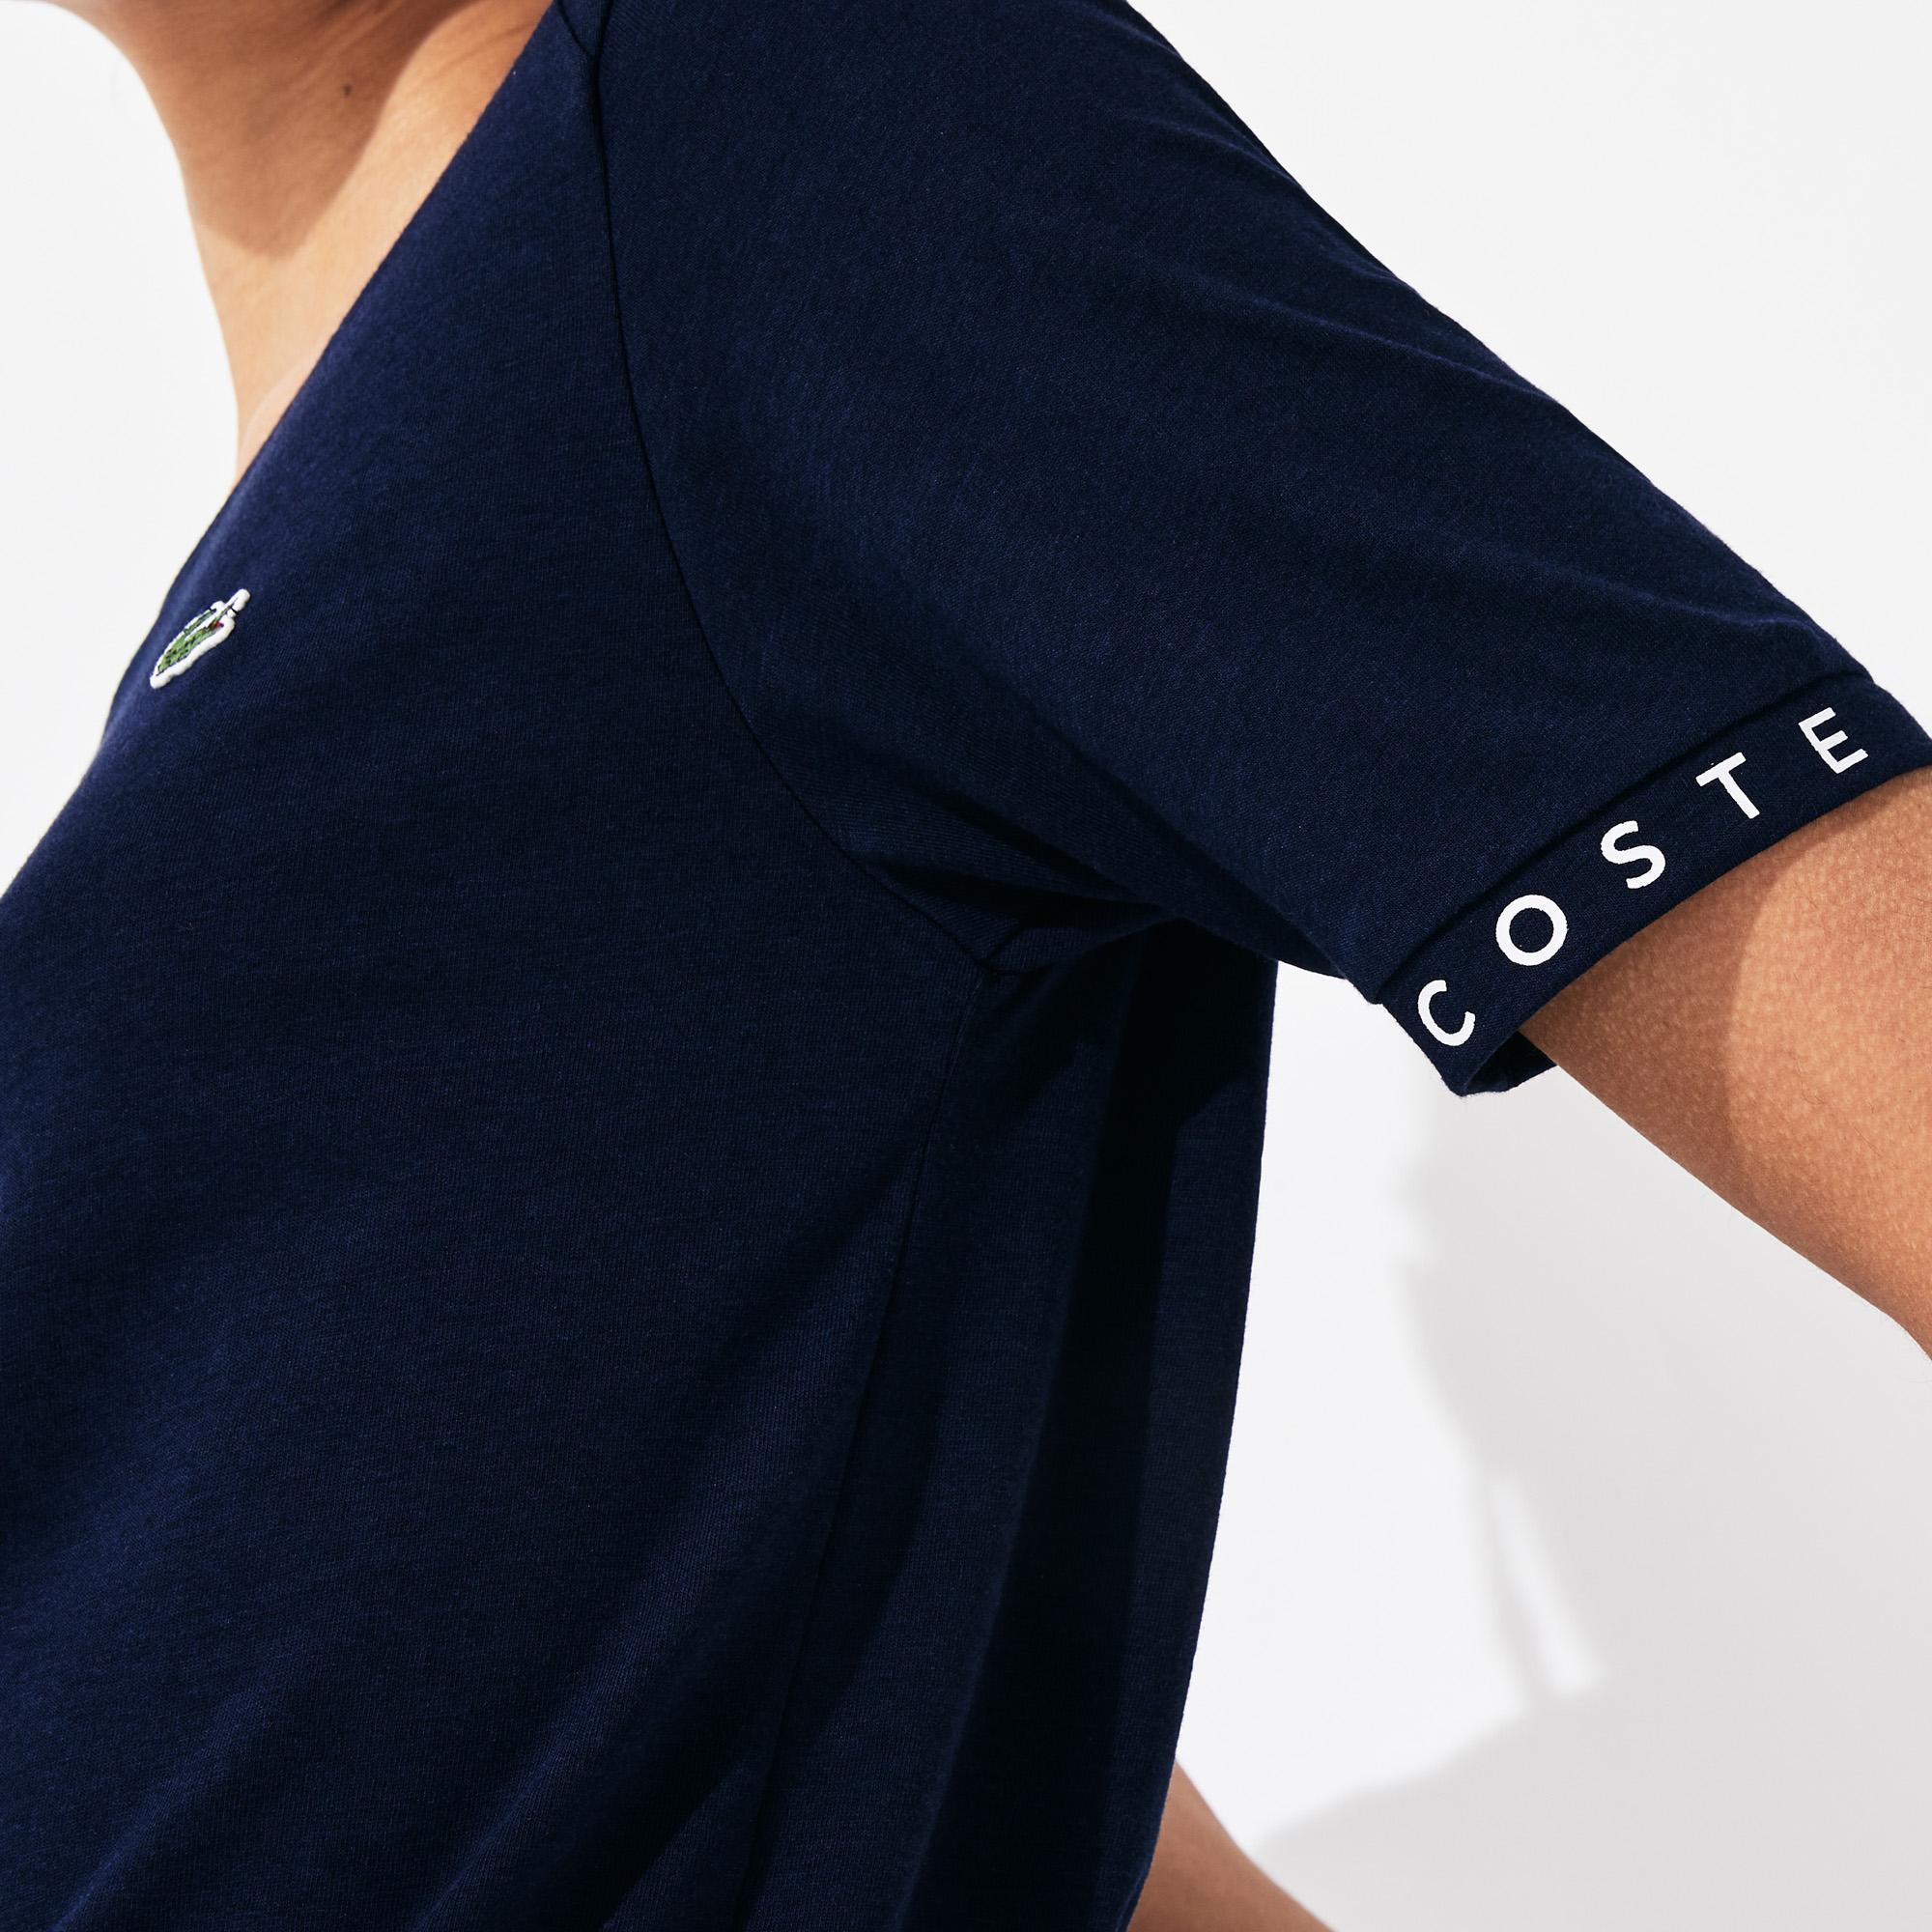 Lacoste Damski Sportowy T-Shirt Do Gry W Tenisa Z Lejącego Materiału Z Rękawami W Napisy